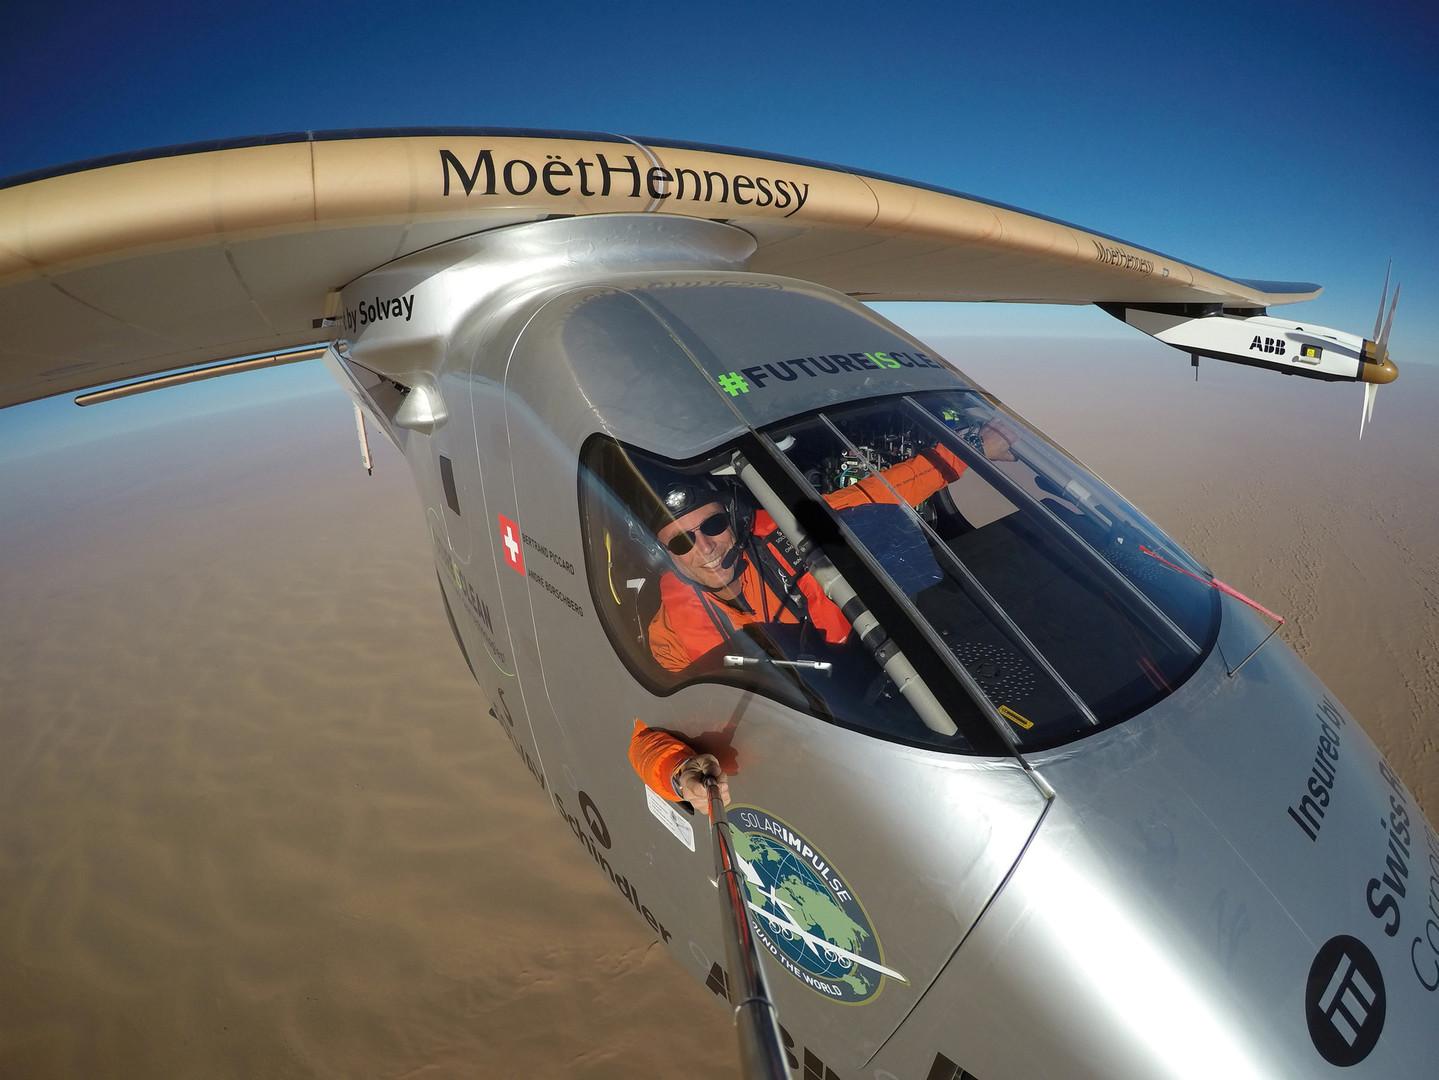 Селфи швейцарского пилота Бертрана Пиккара во время кругосветного путешествия на самолёте Solar Impulse 2 над Аравийским полуостровом